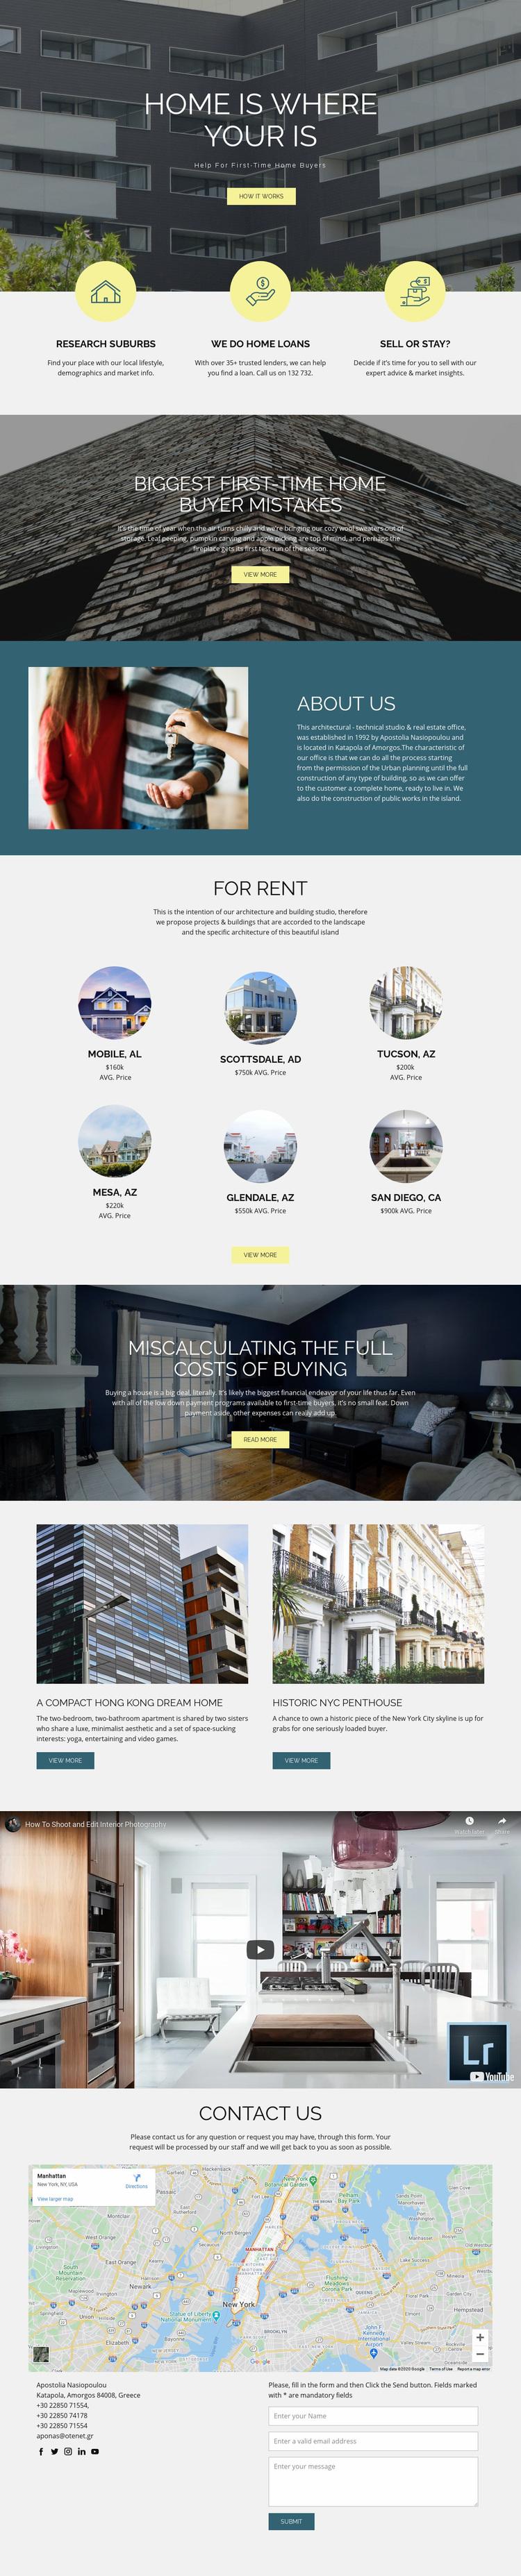 Home real estate Web Page Designer